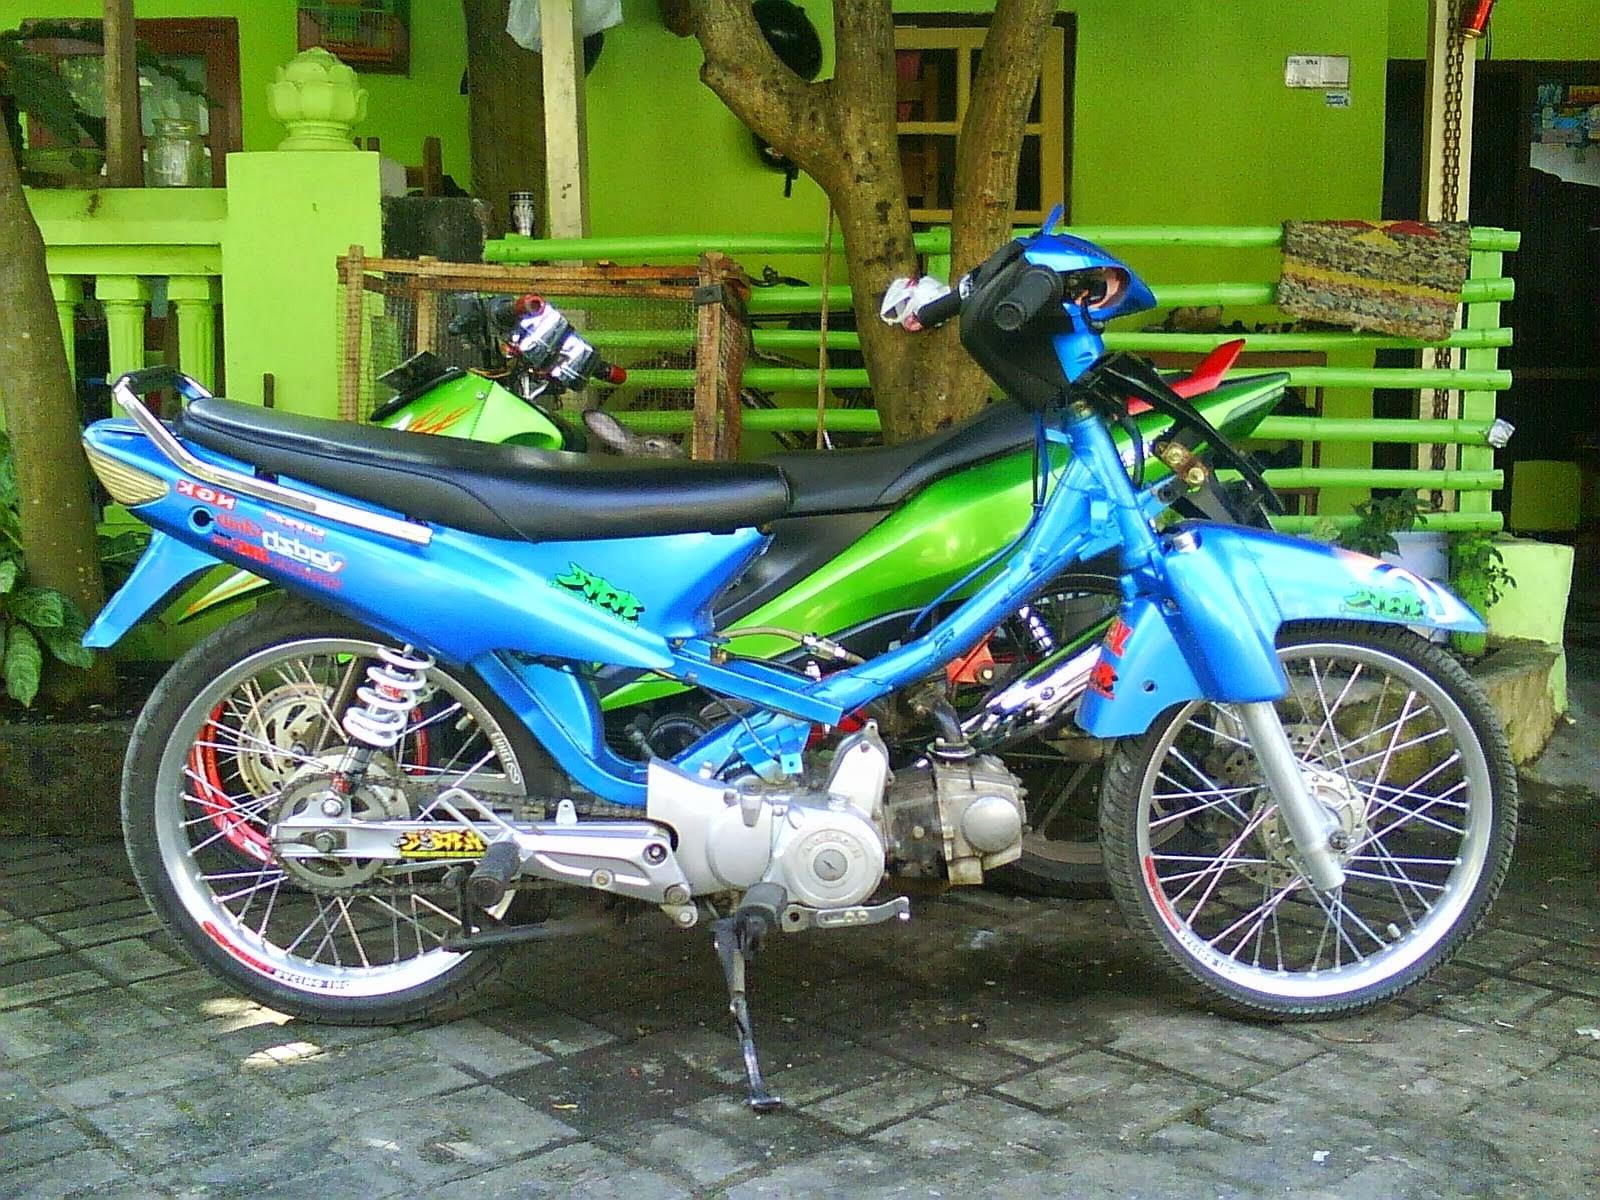 Koleksi Modifikasi Motor Supra 100cc Terkeren Palm Modifikasi